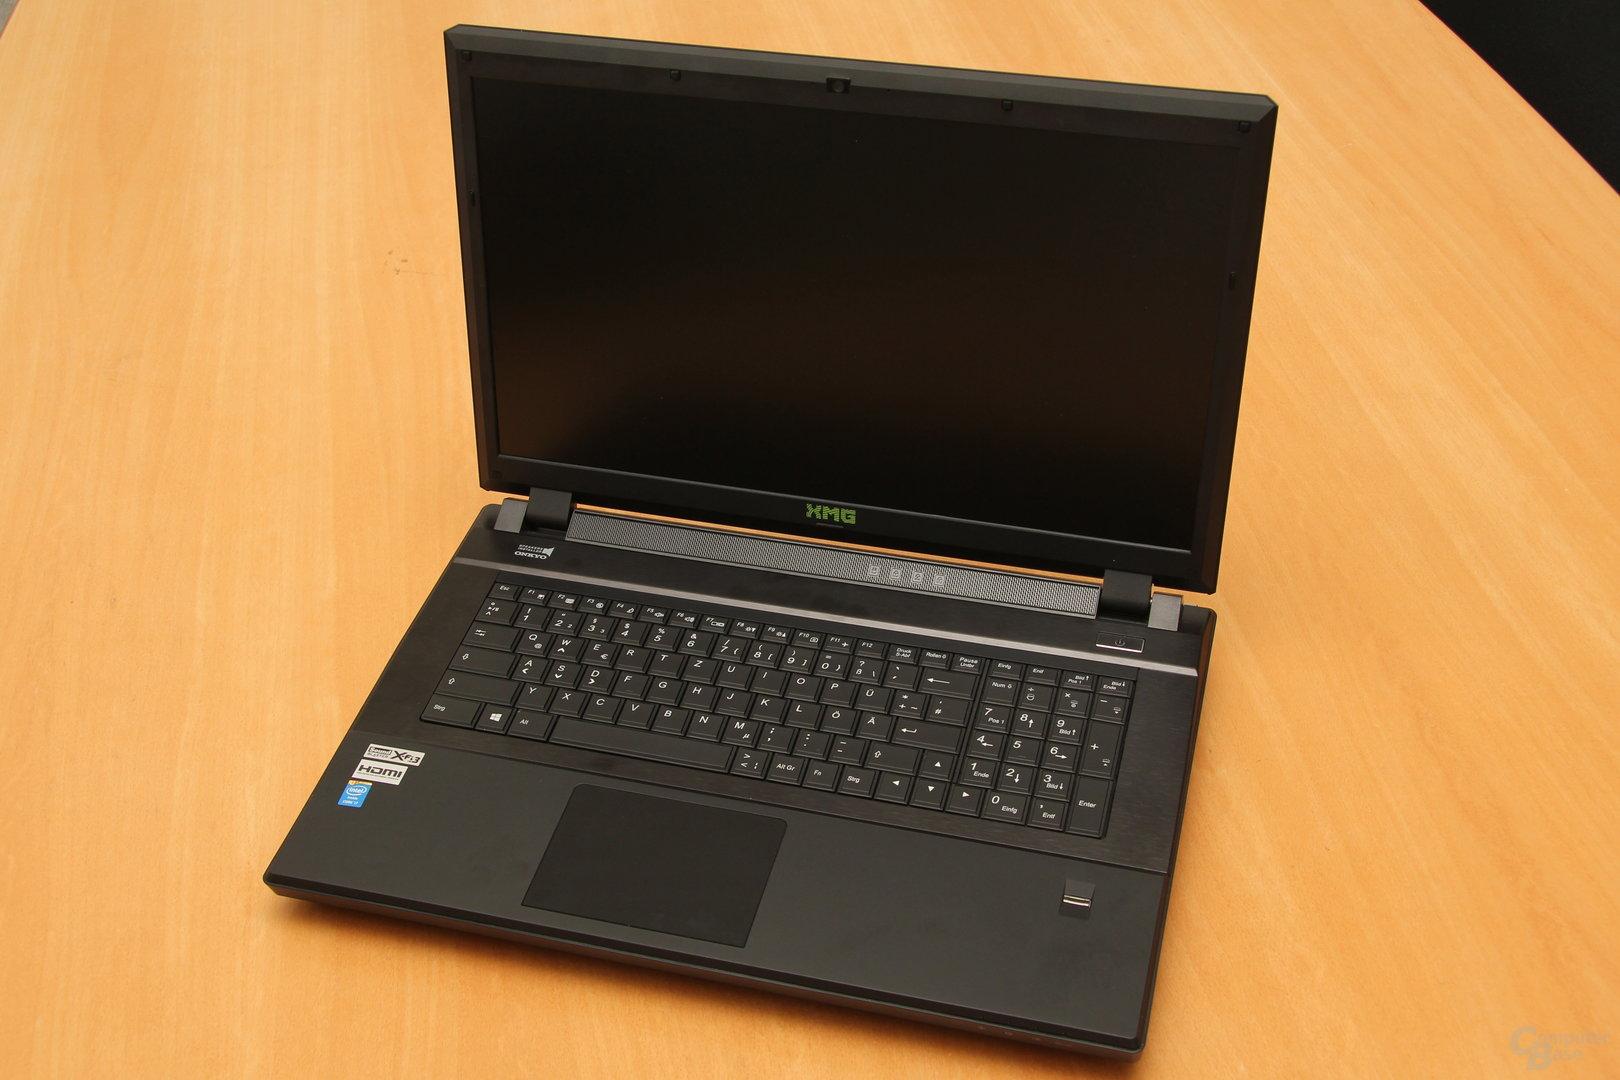 Schenker XMG P723 Pro – Tastatur und Bildschirm